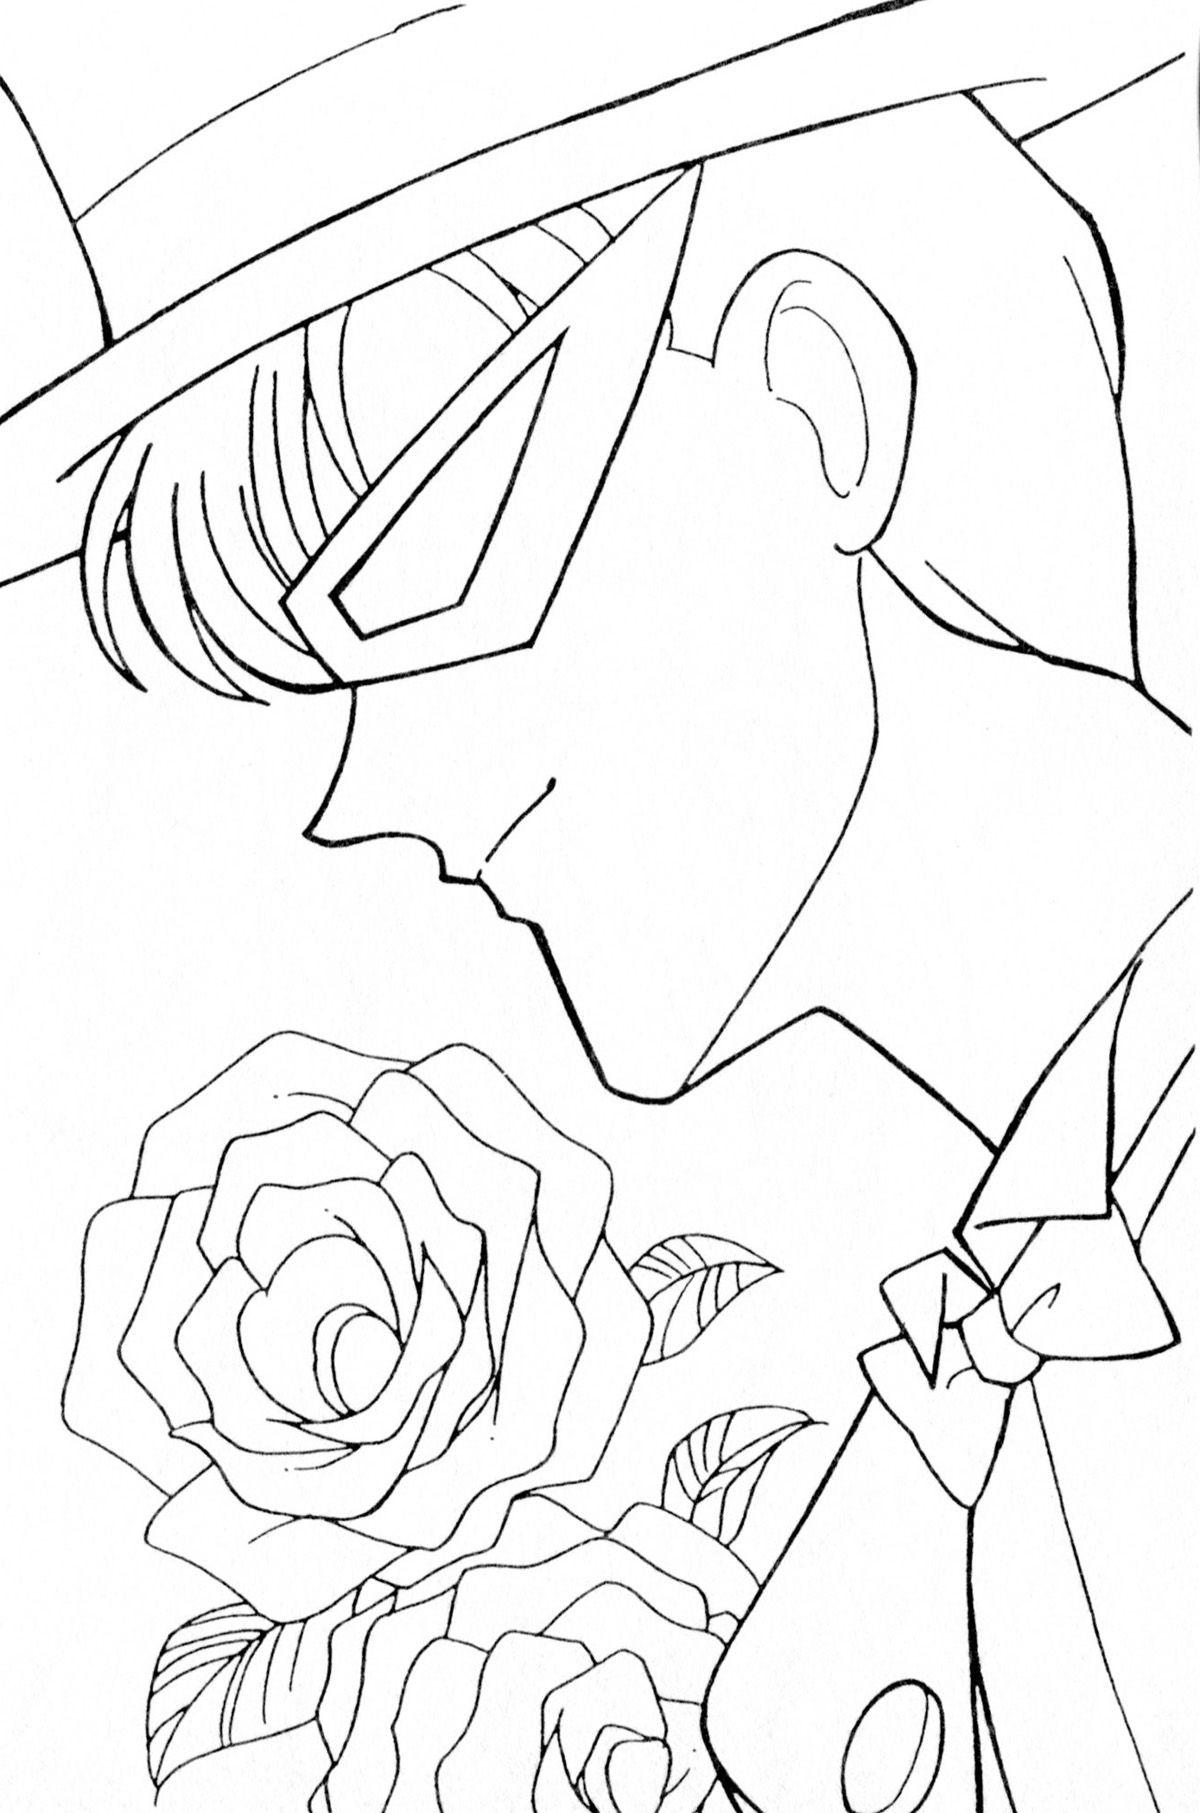 Pin de Crystal B en Sailor Moon | Pinterest | Colorear, Páginas para ...